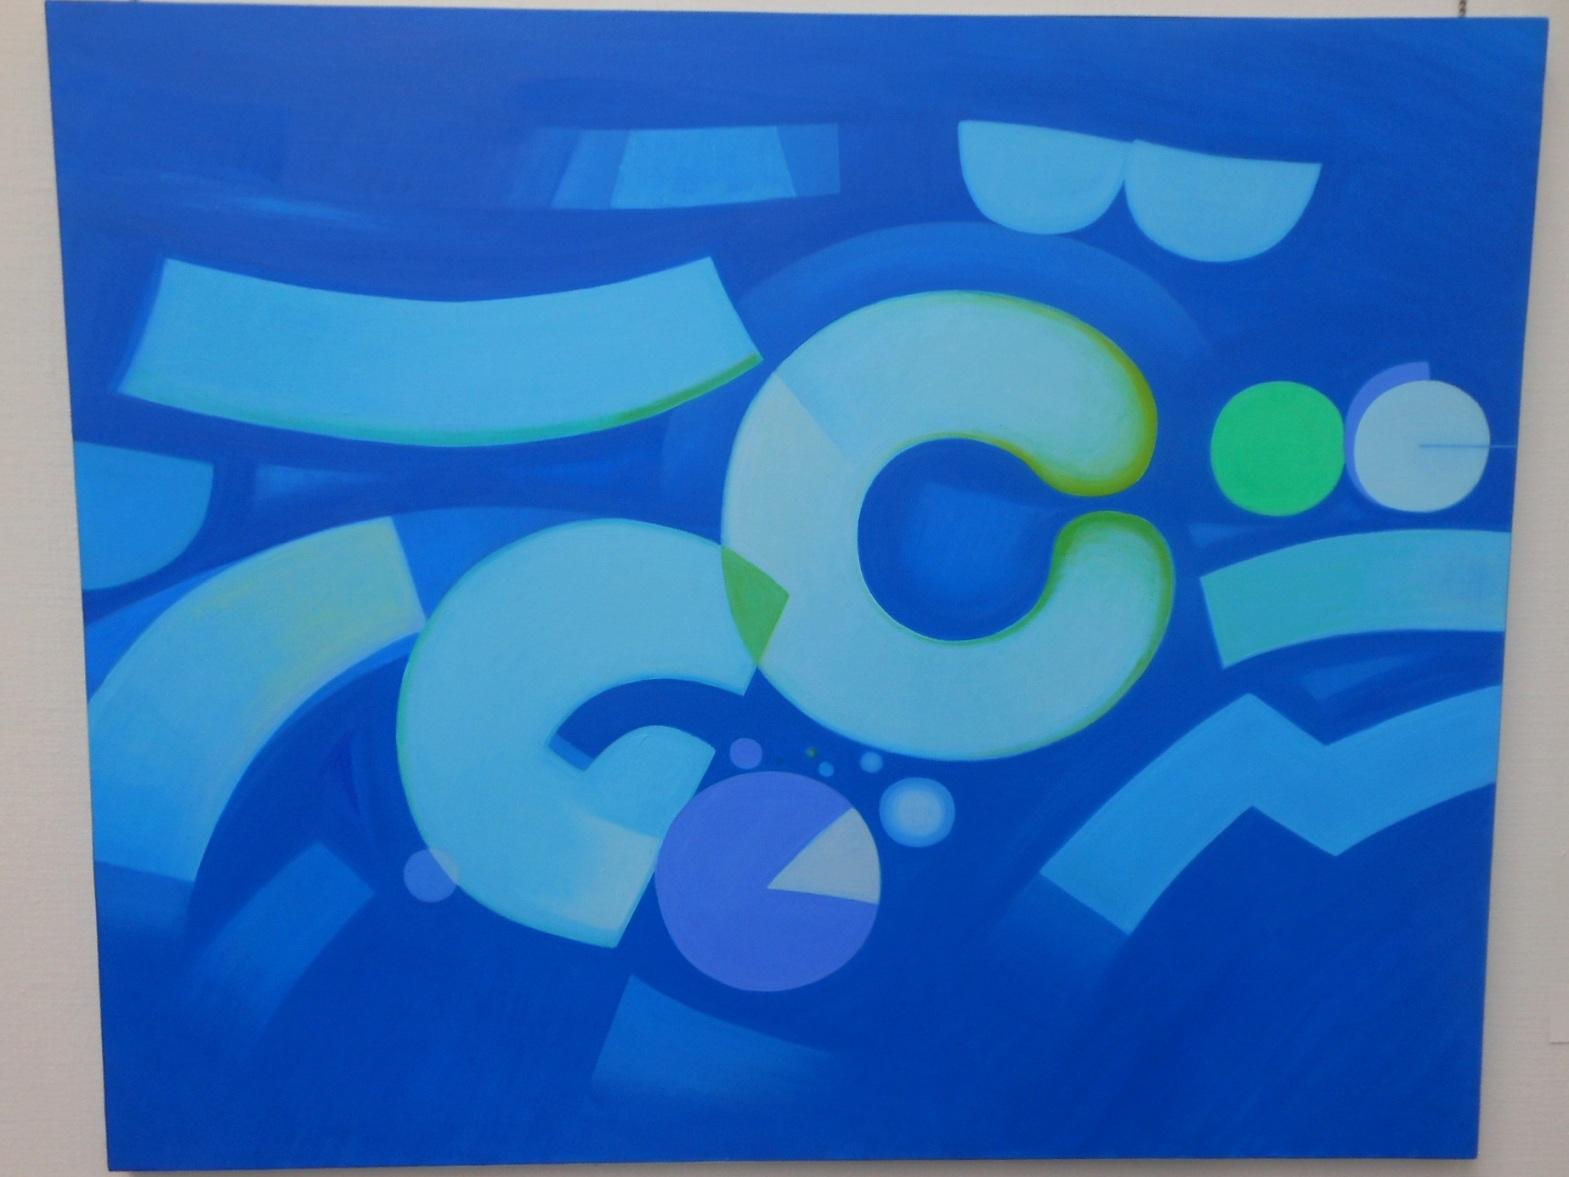 1700)「'12 第39回 北海道抽象派作家協会展」 市民ギャラリー 4月10日(火)~4月15日(日)_f0126829_23494435.jpg